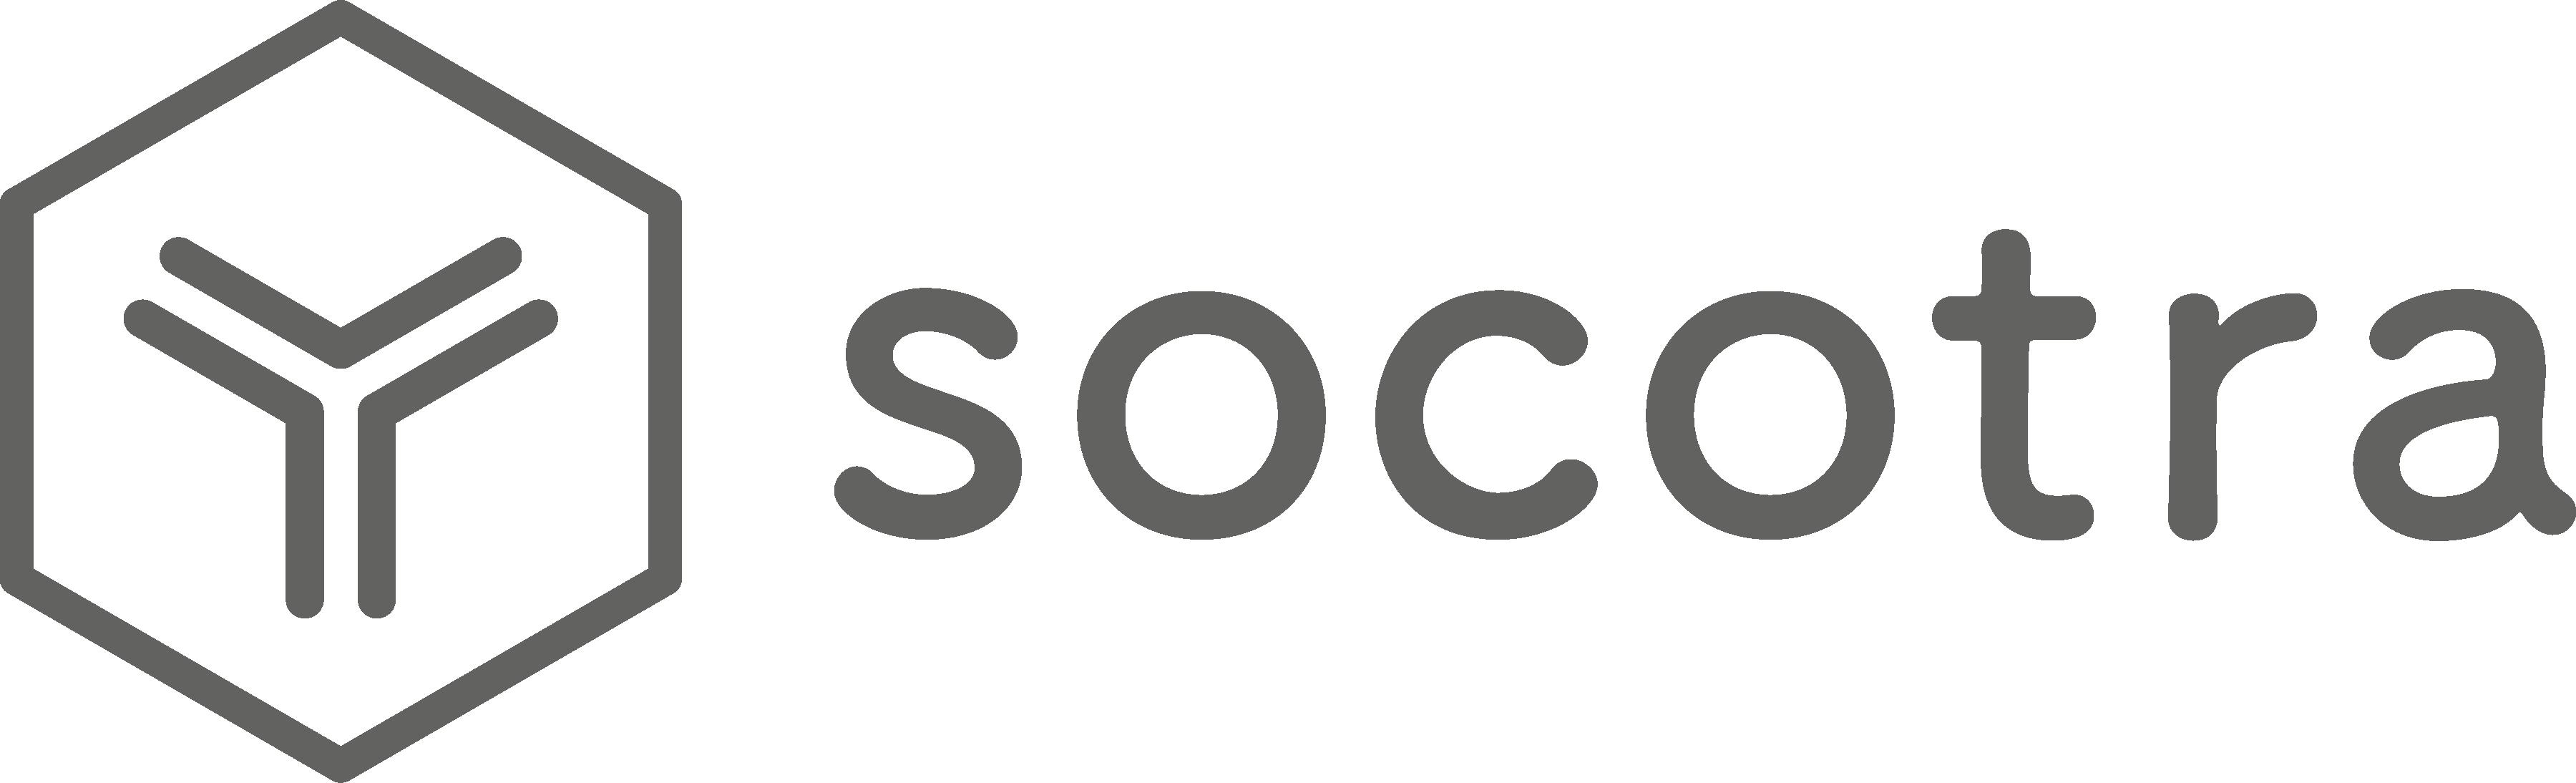 Socotra logo